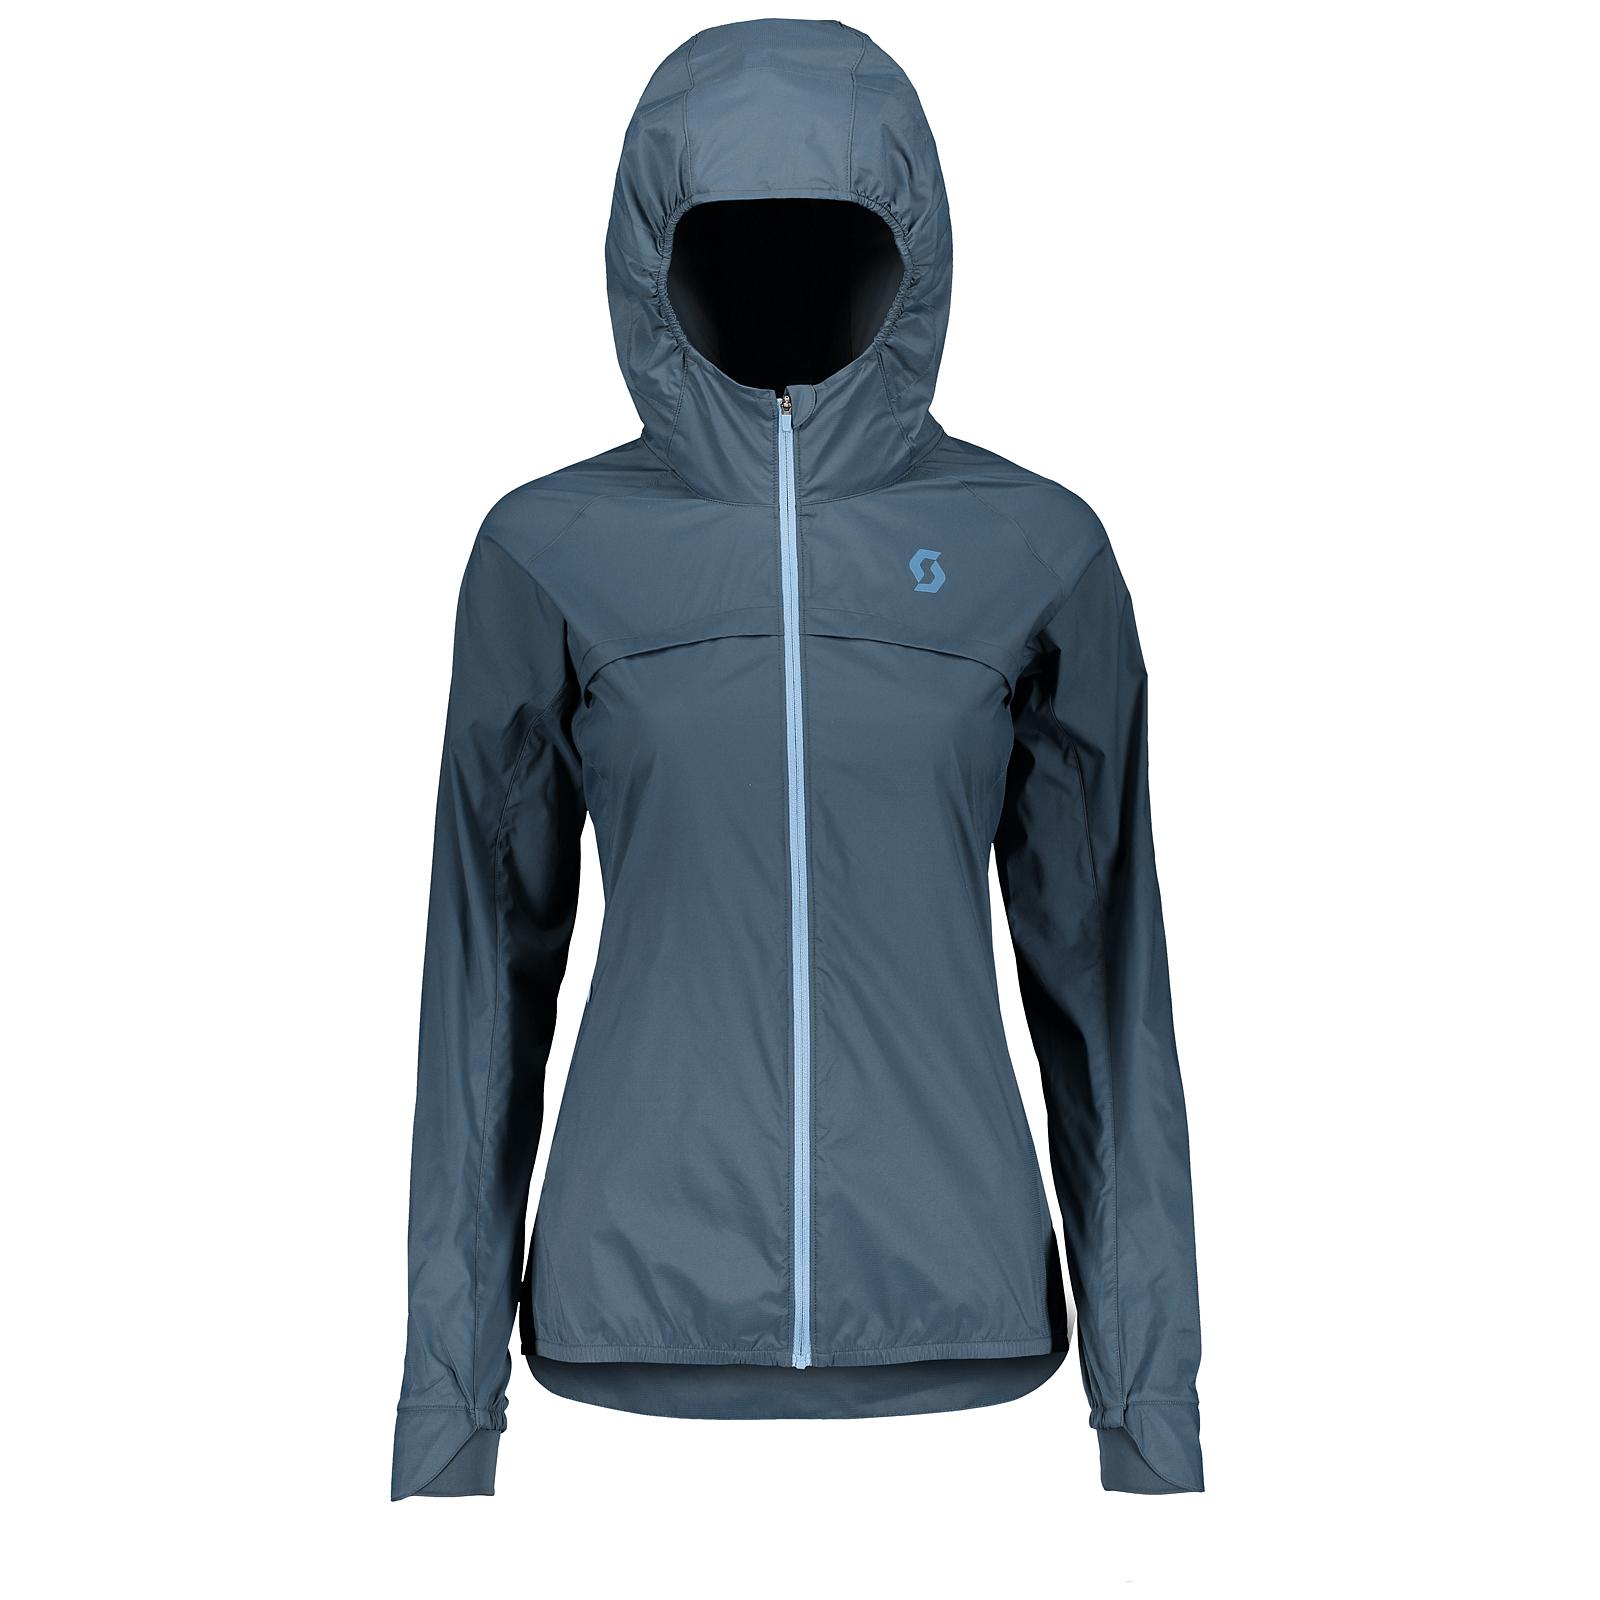 new product 4093b 281a4 Scott Trail MTN 40 Damen Fahrrad Windjacke blau 2018